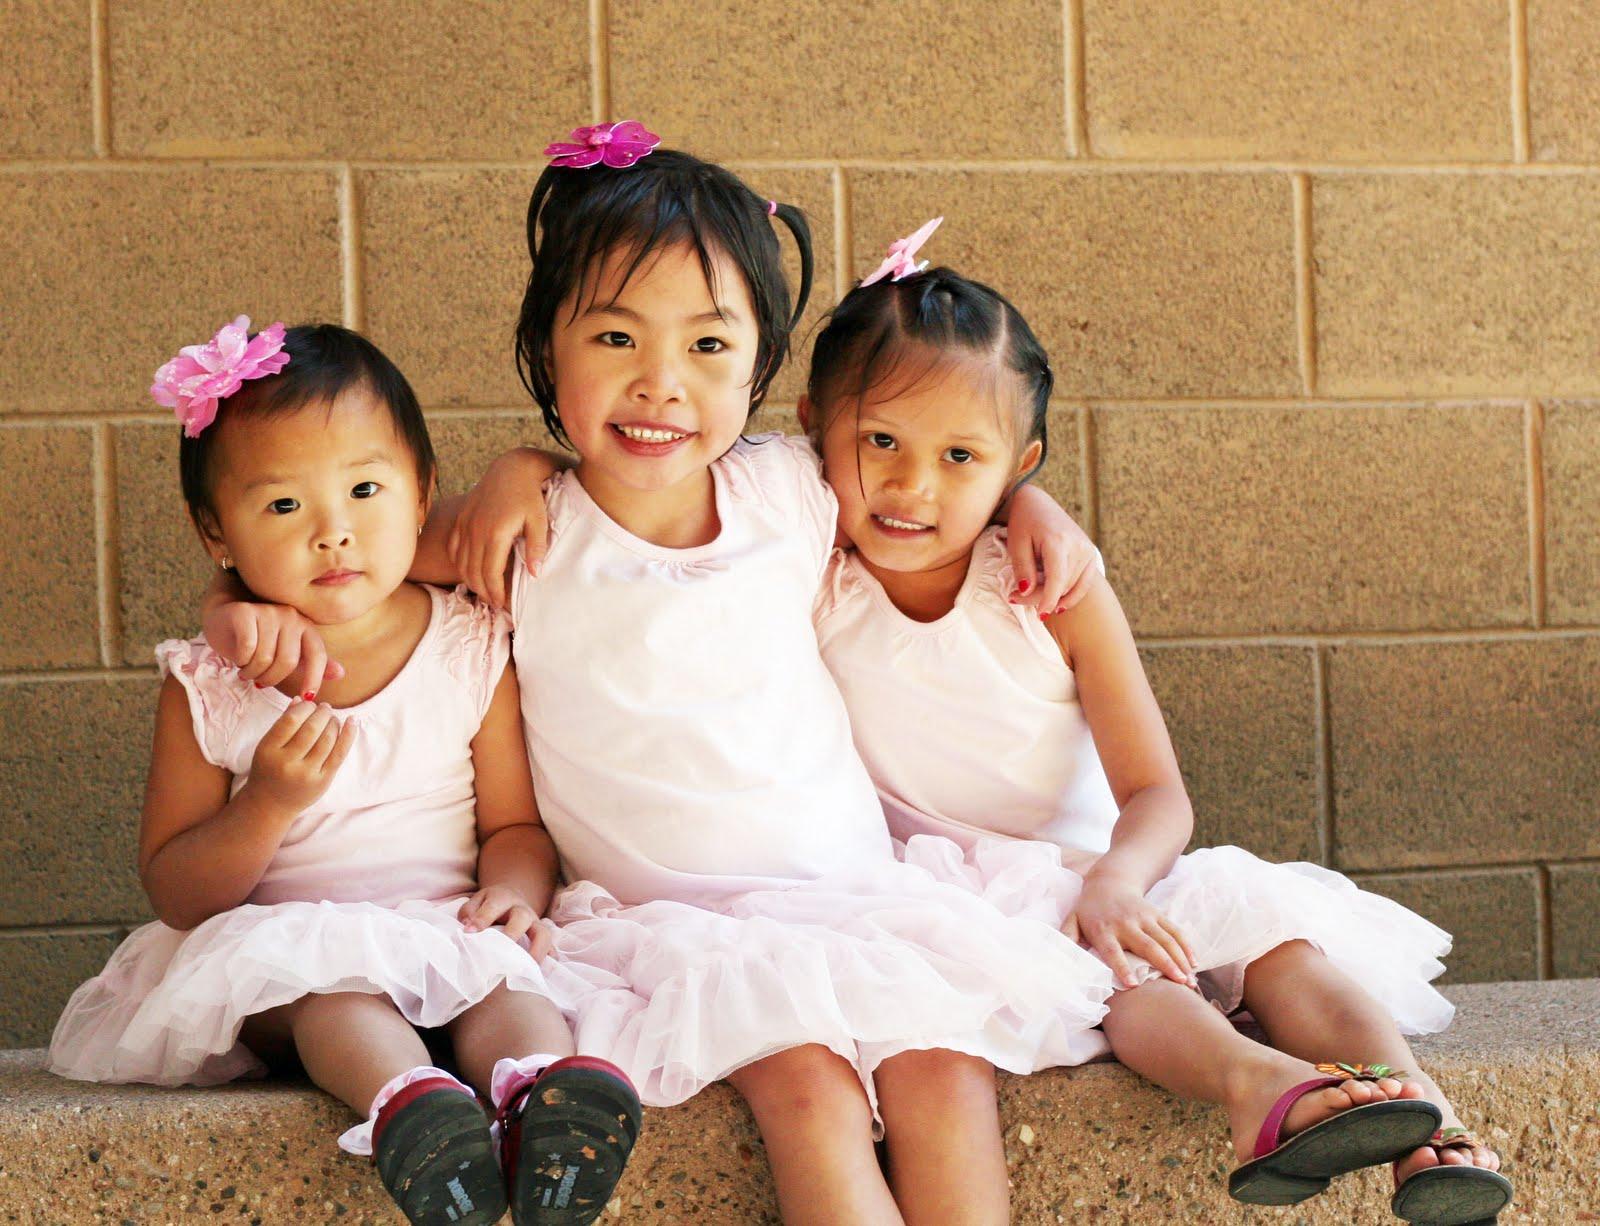 Фотографии трёх девушек друзей вместе 27 фотография